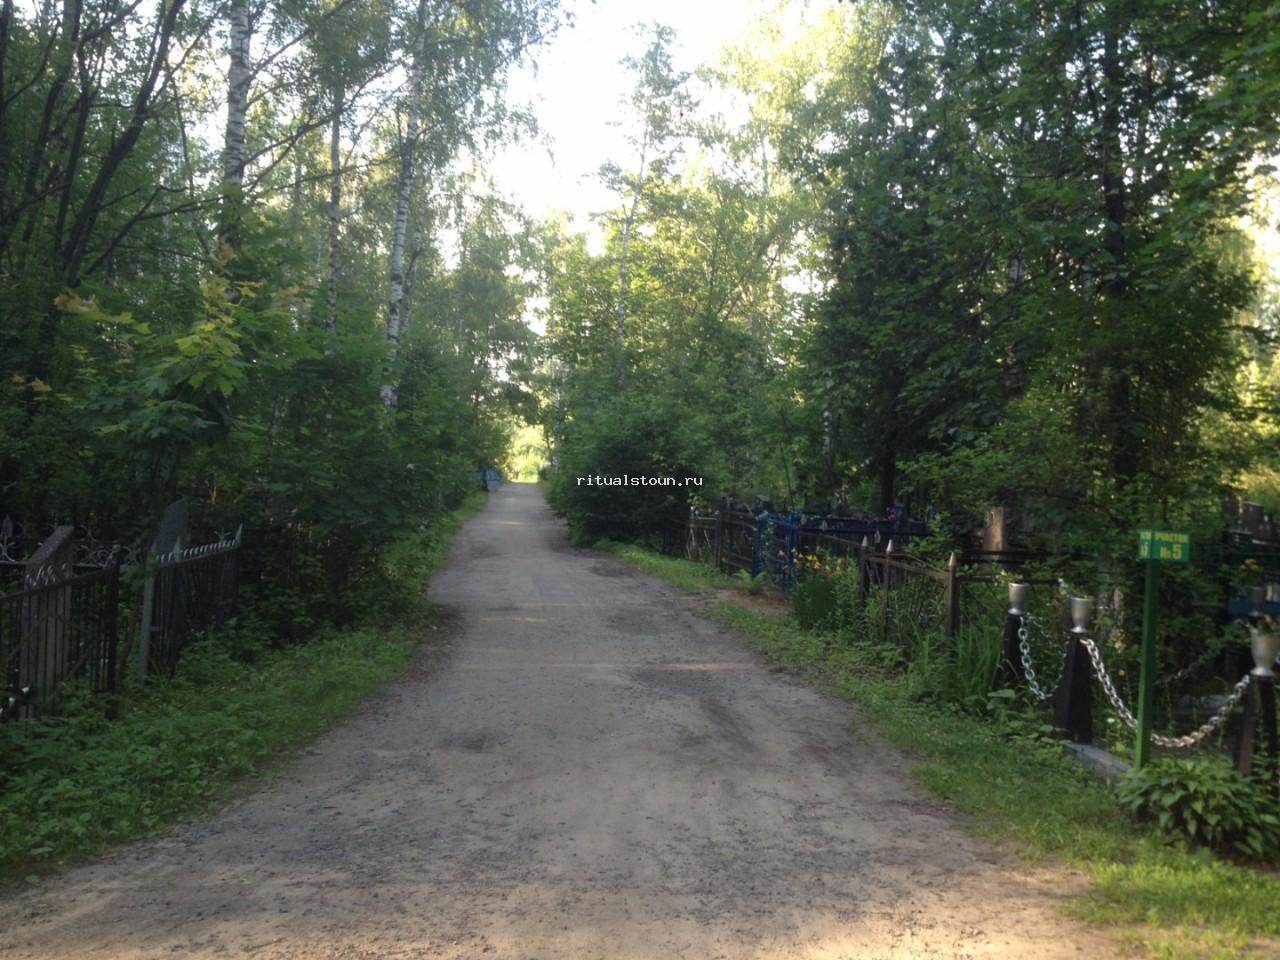 Малаховское кладбище официальный сайт где заказать памятник в екатеринбурге